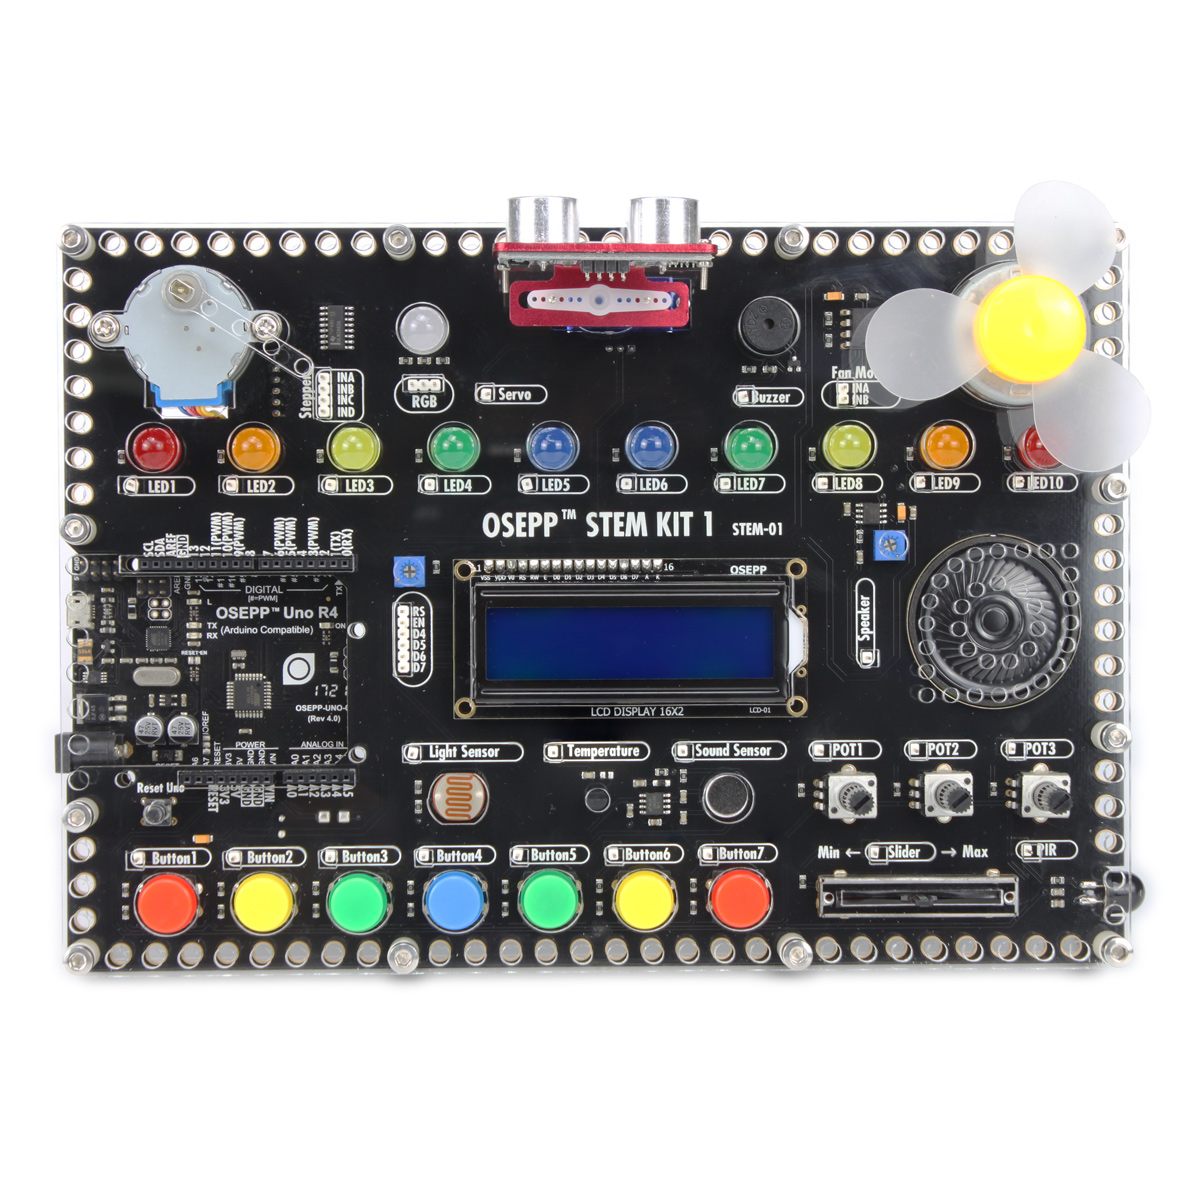 OSEPP Stem Hub All In One Integrated Development Environment - Arduono Start Kit For Programming Electronic Beginer